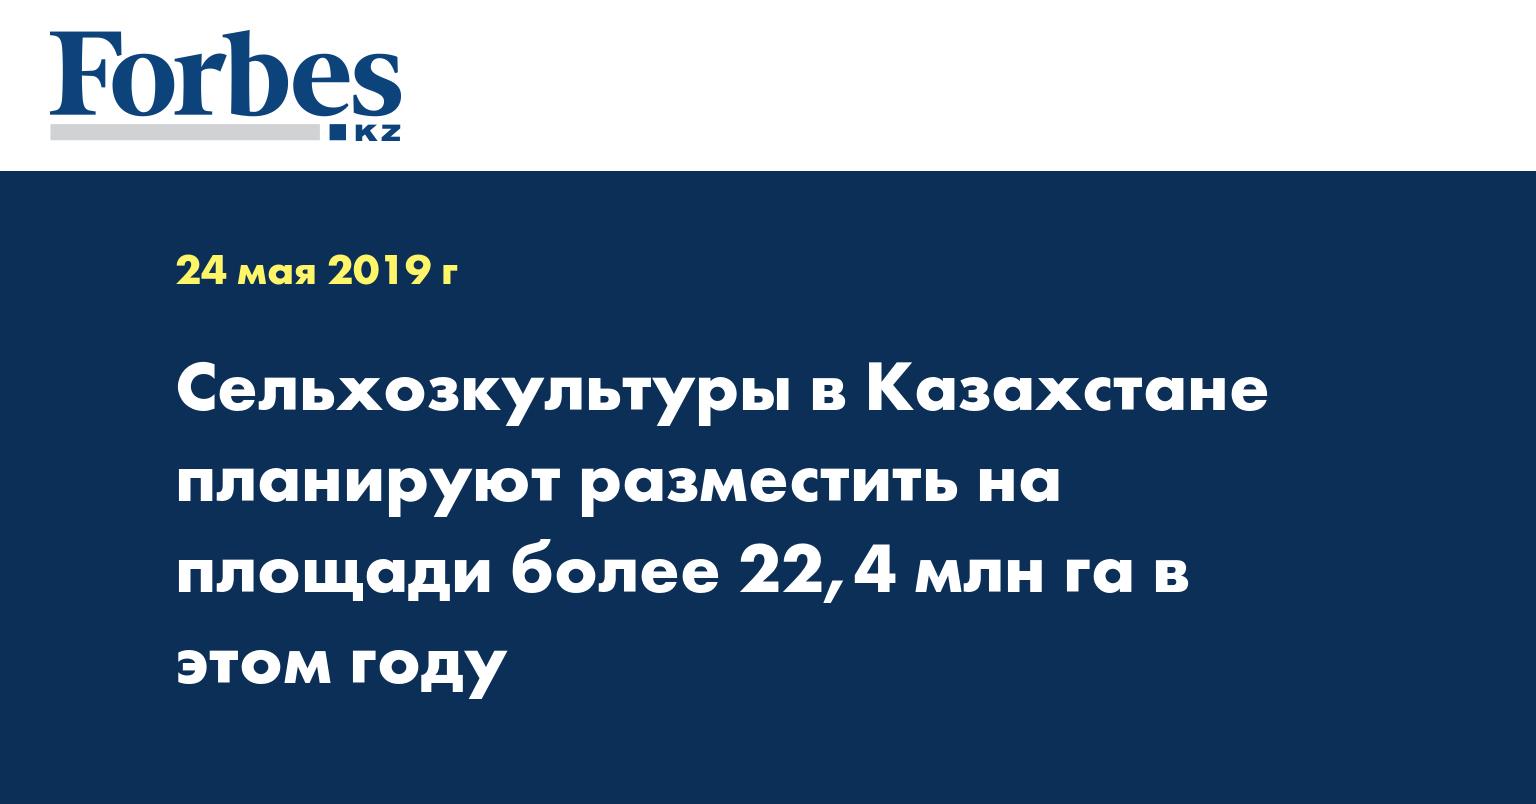 Сельхозкультуры в Казахстане планируют разместить на площади более 22,4 млн га в этом году